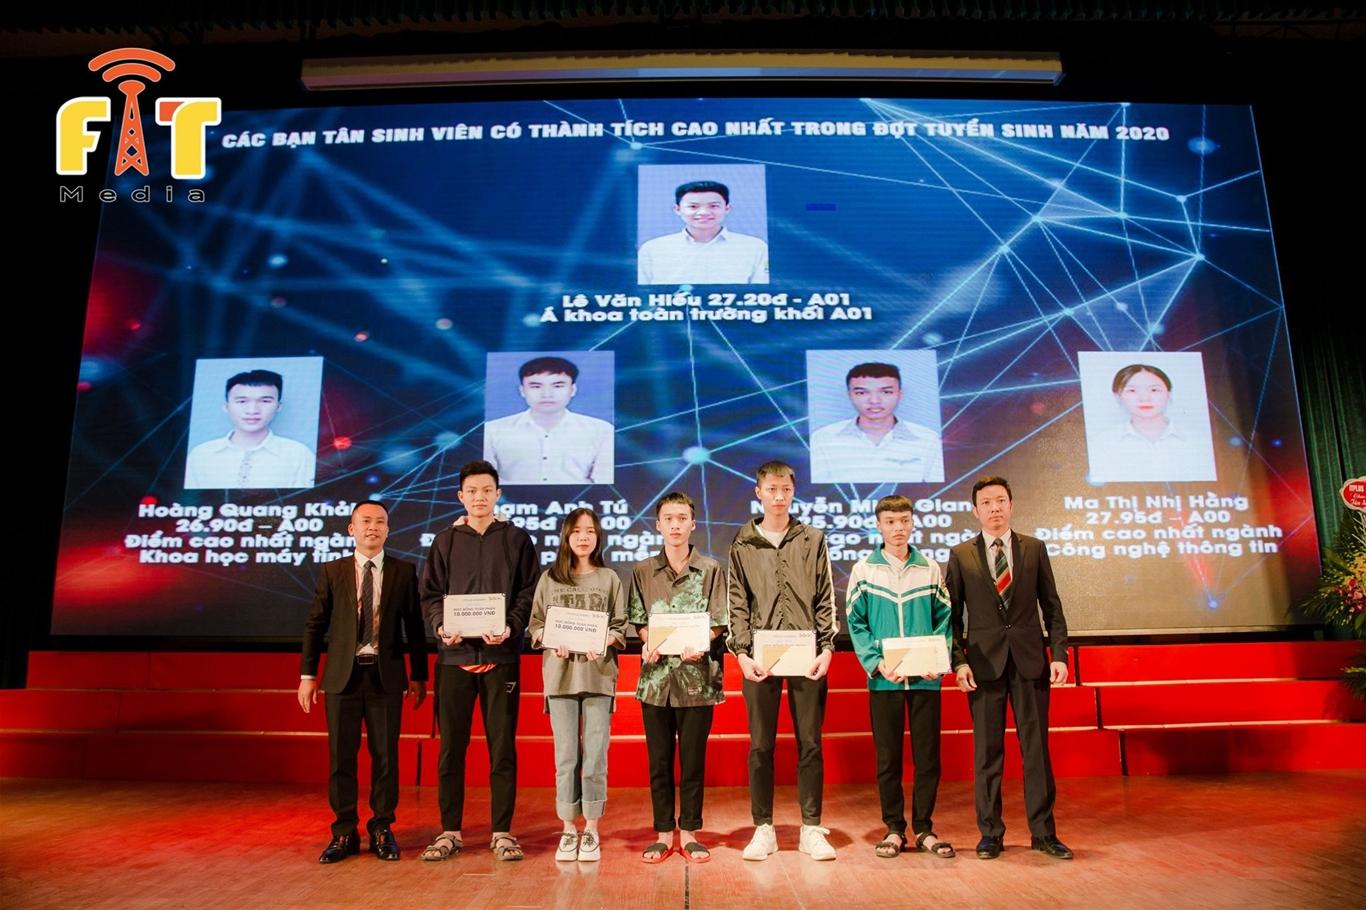 Gặp mặt tân Sinh viên K15 khoa Công nghệ thông tin